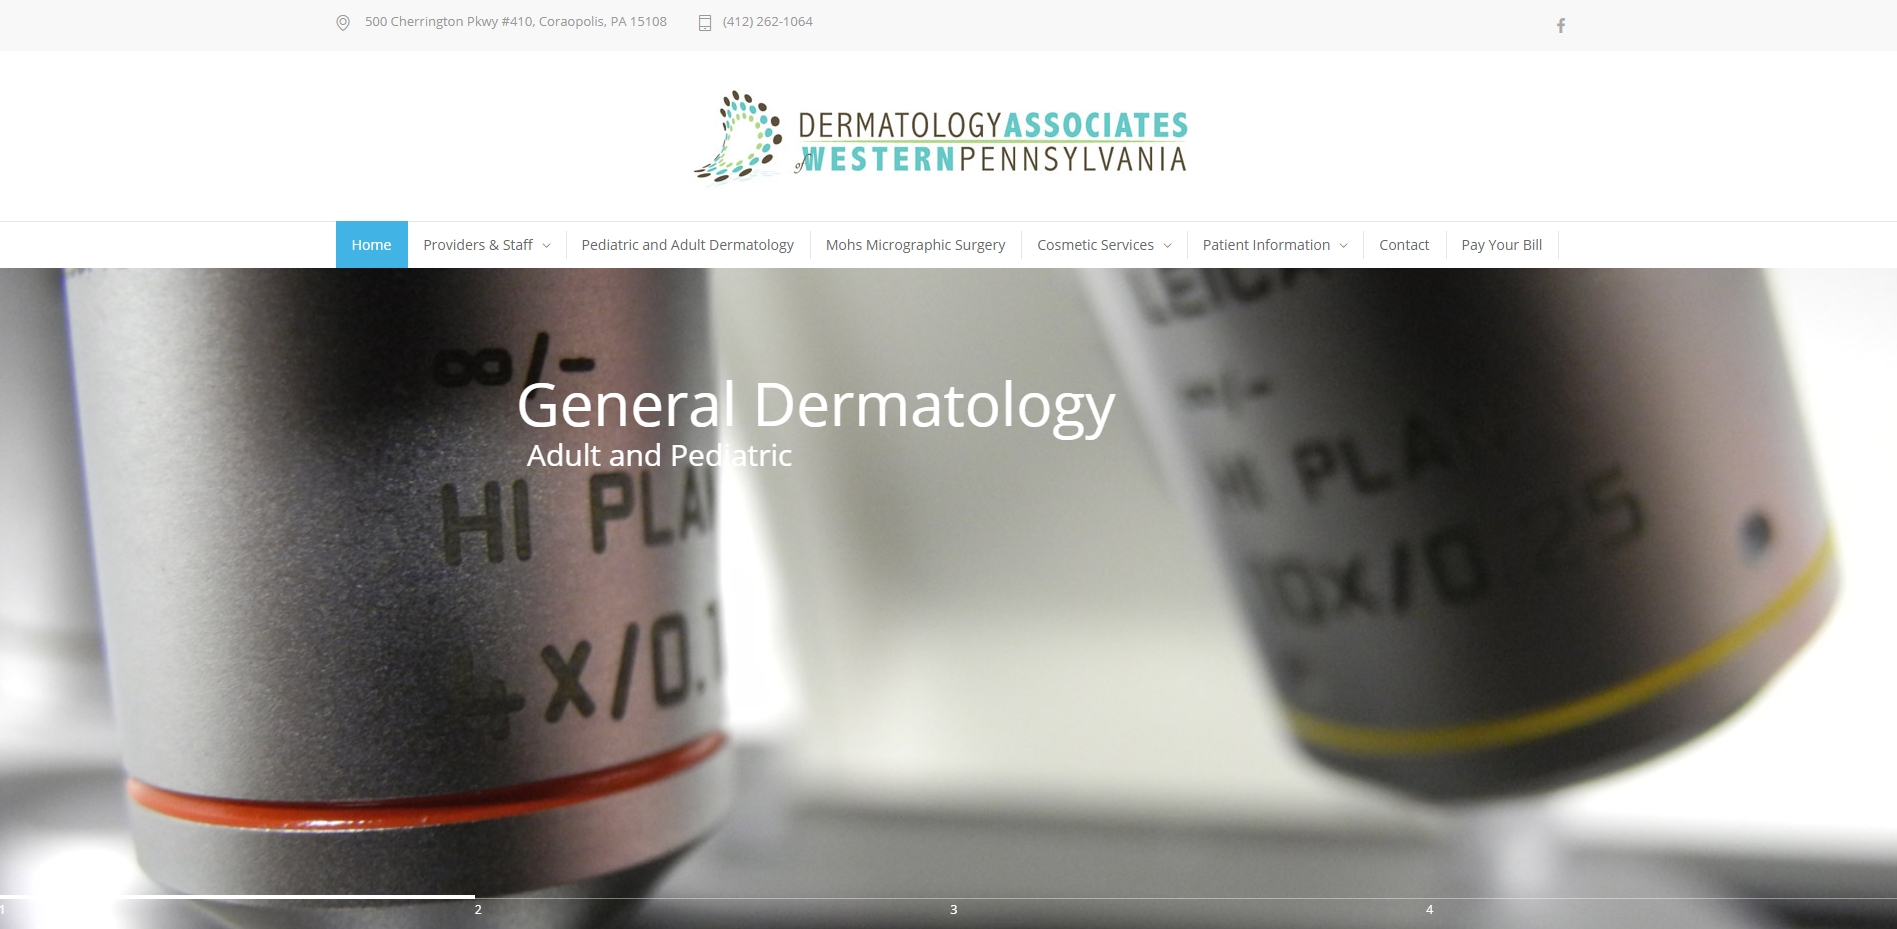 Dermatology Associates of Western Pennsylvania